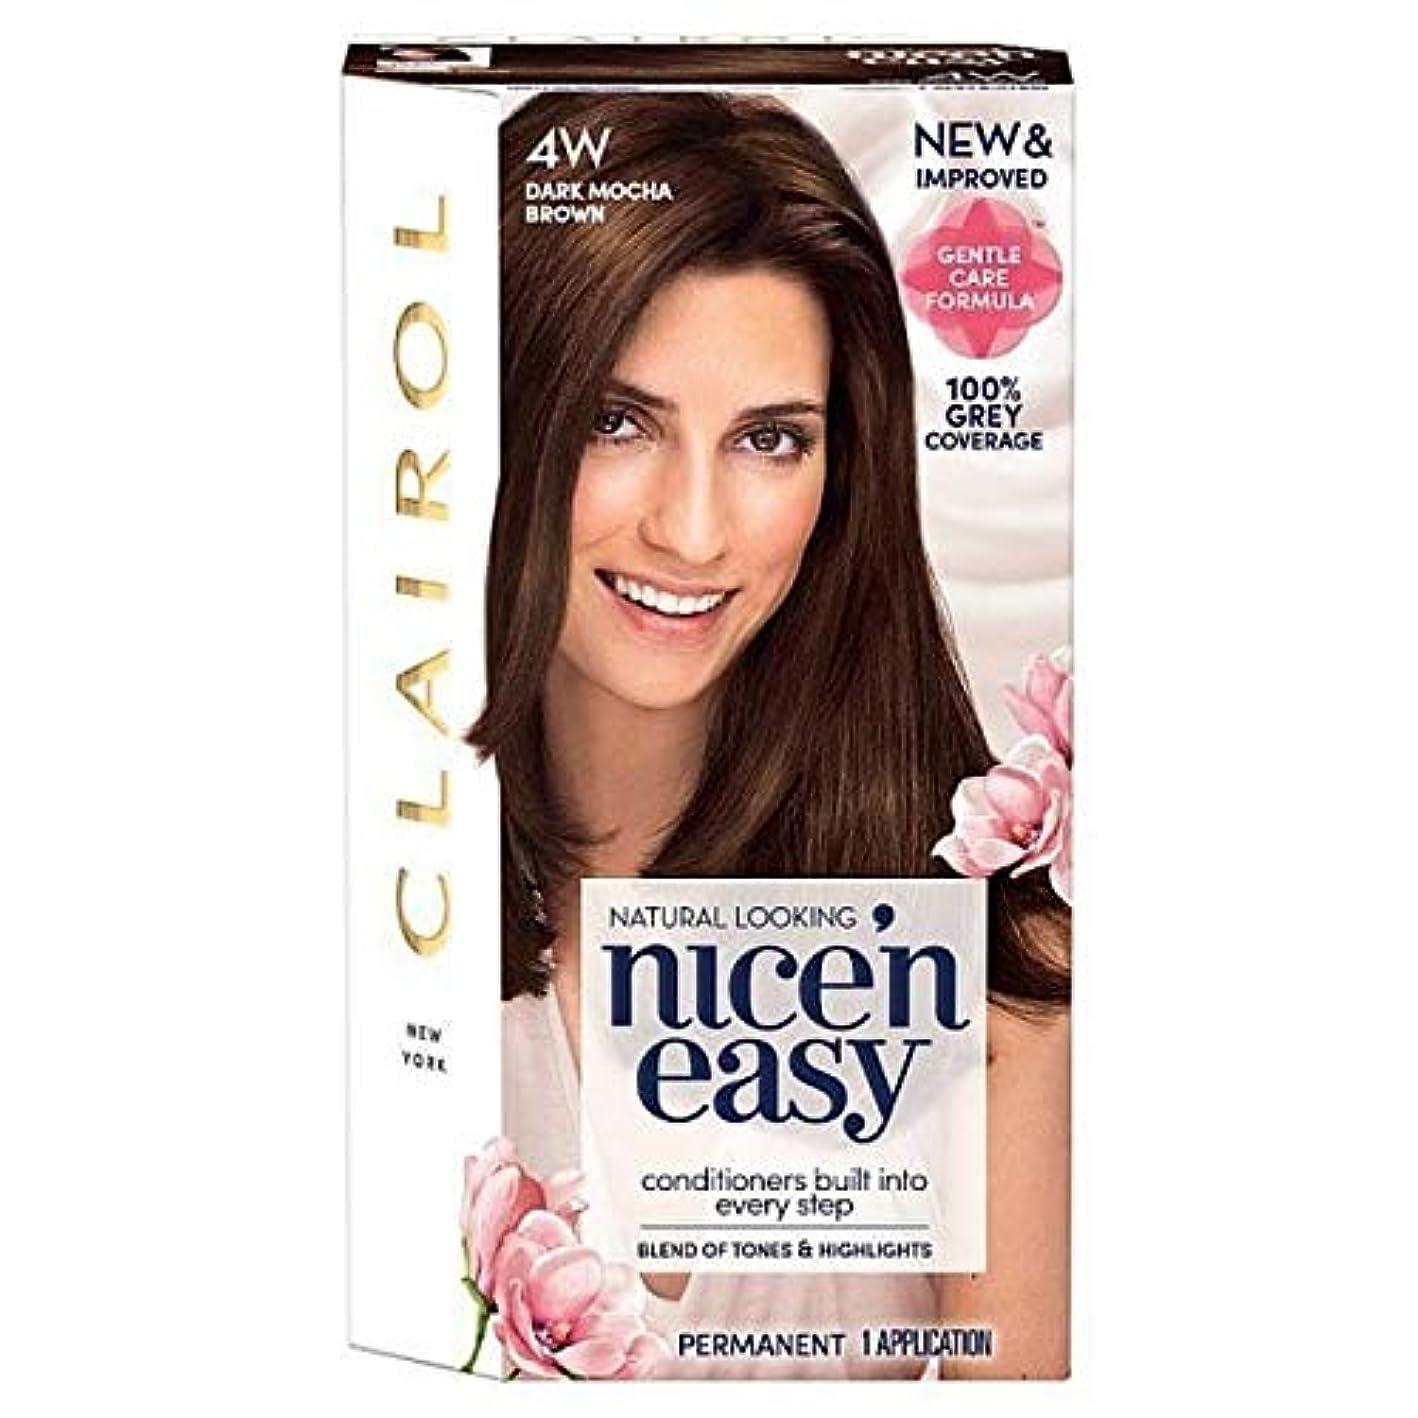 間に合わせ案件学習者[Nice'n Easy] 簡単に4ワットダークモカブラウンNice'N - Nice'n Easy 4W Dark Mocha Brown [並行輸入品]